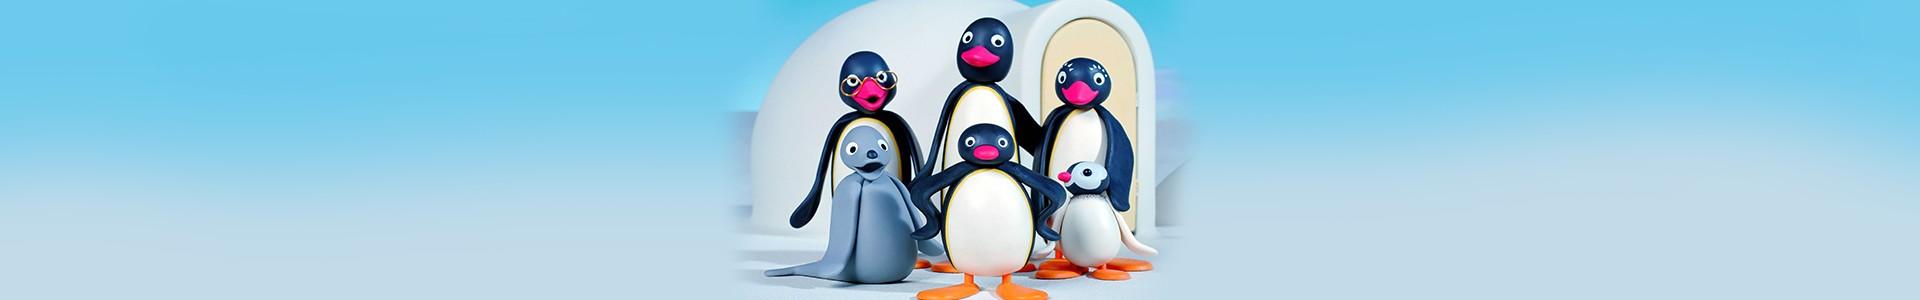 Pingu vai voltar como Anime feito pelo mesmo estúdio de Ajin